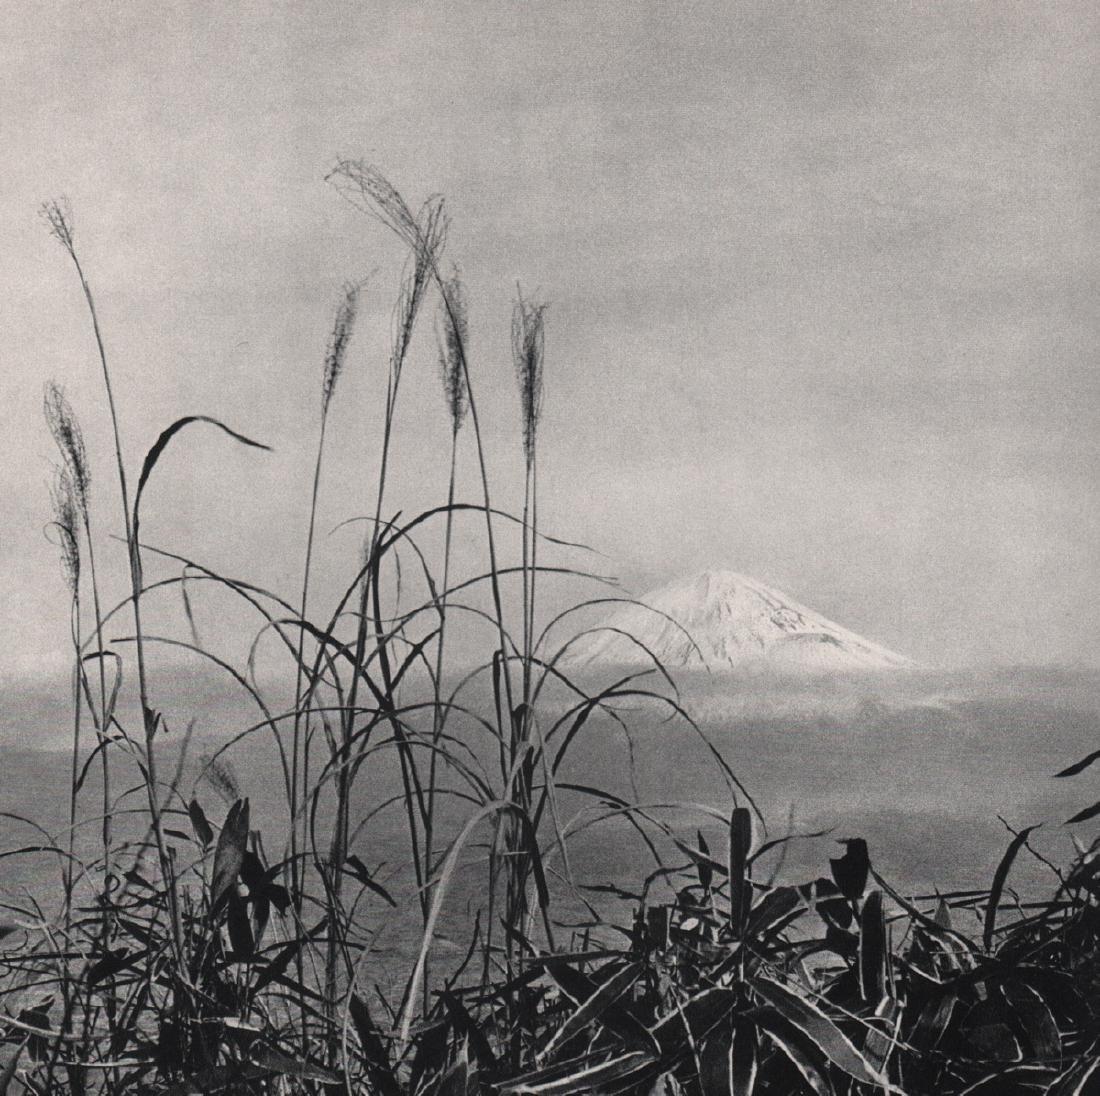 FRITZ HENLE - Fujiyama, 1936